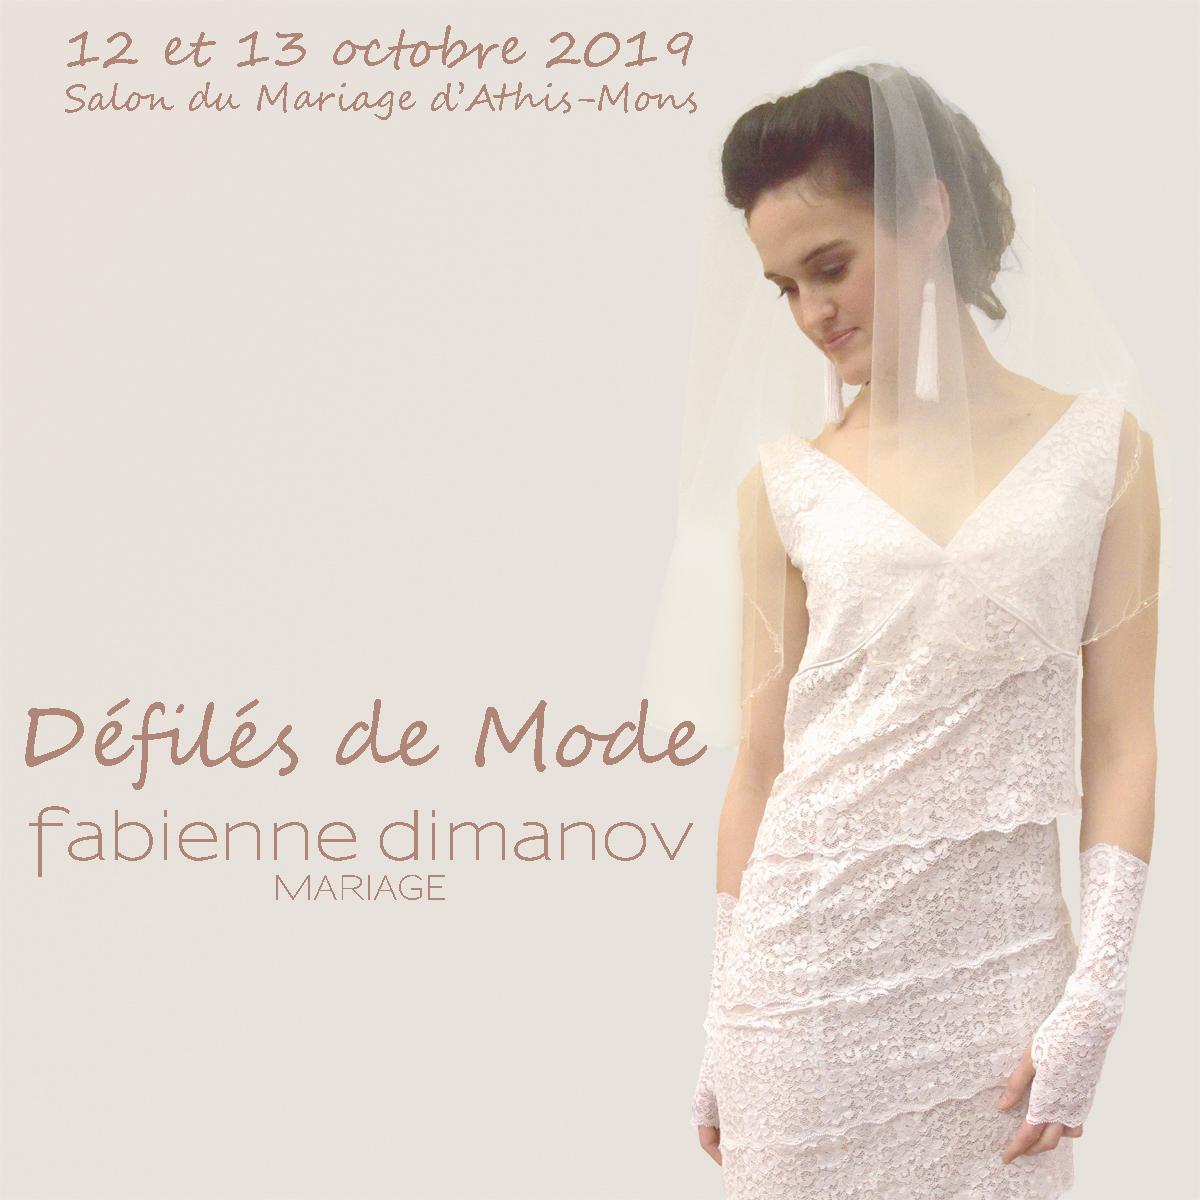 Salon du mariage et de la réception - Défilés - Athis Mons - Fabienne Dimanov mariage